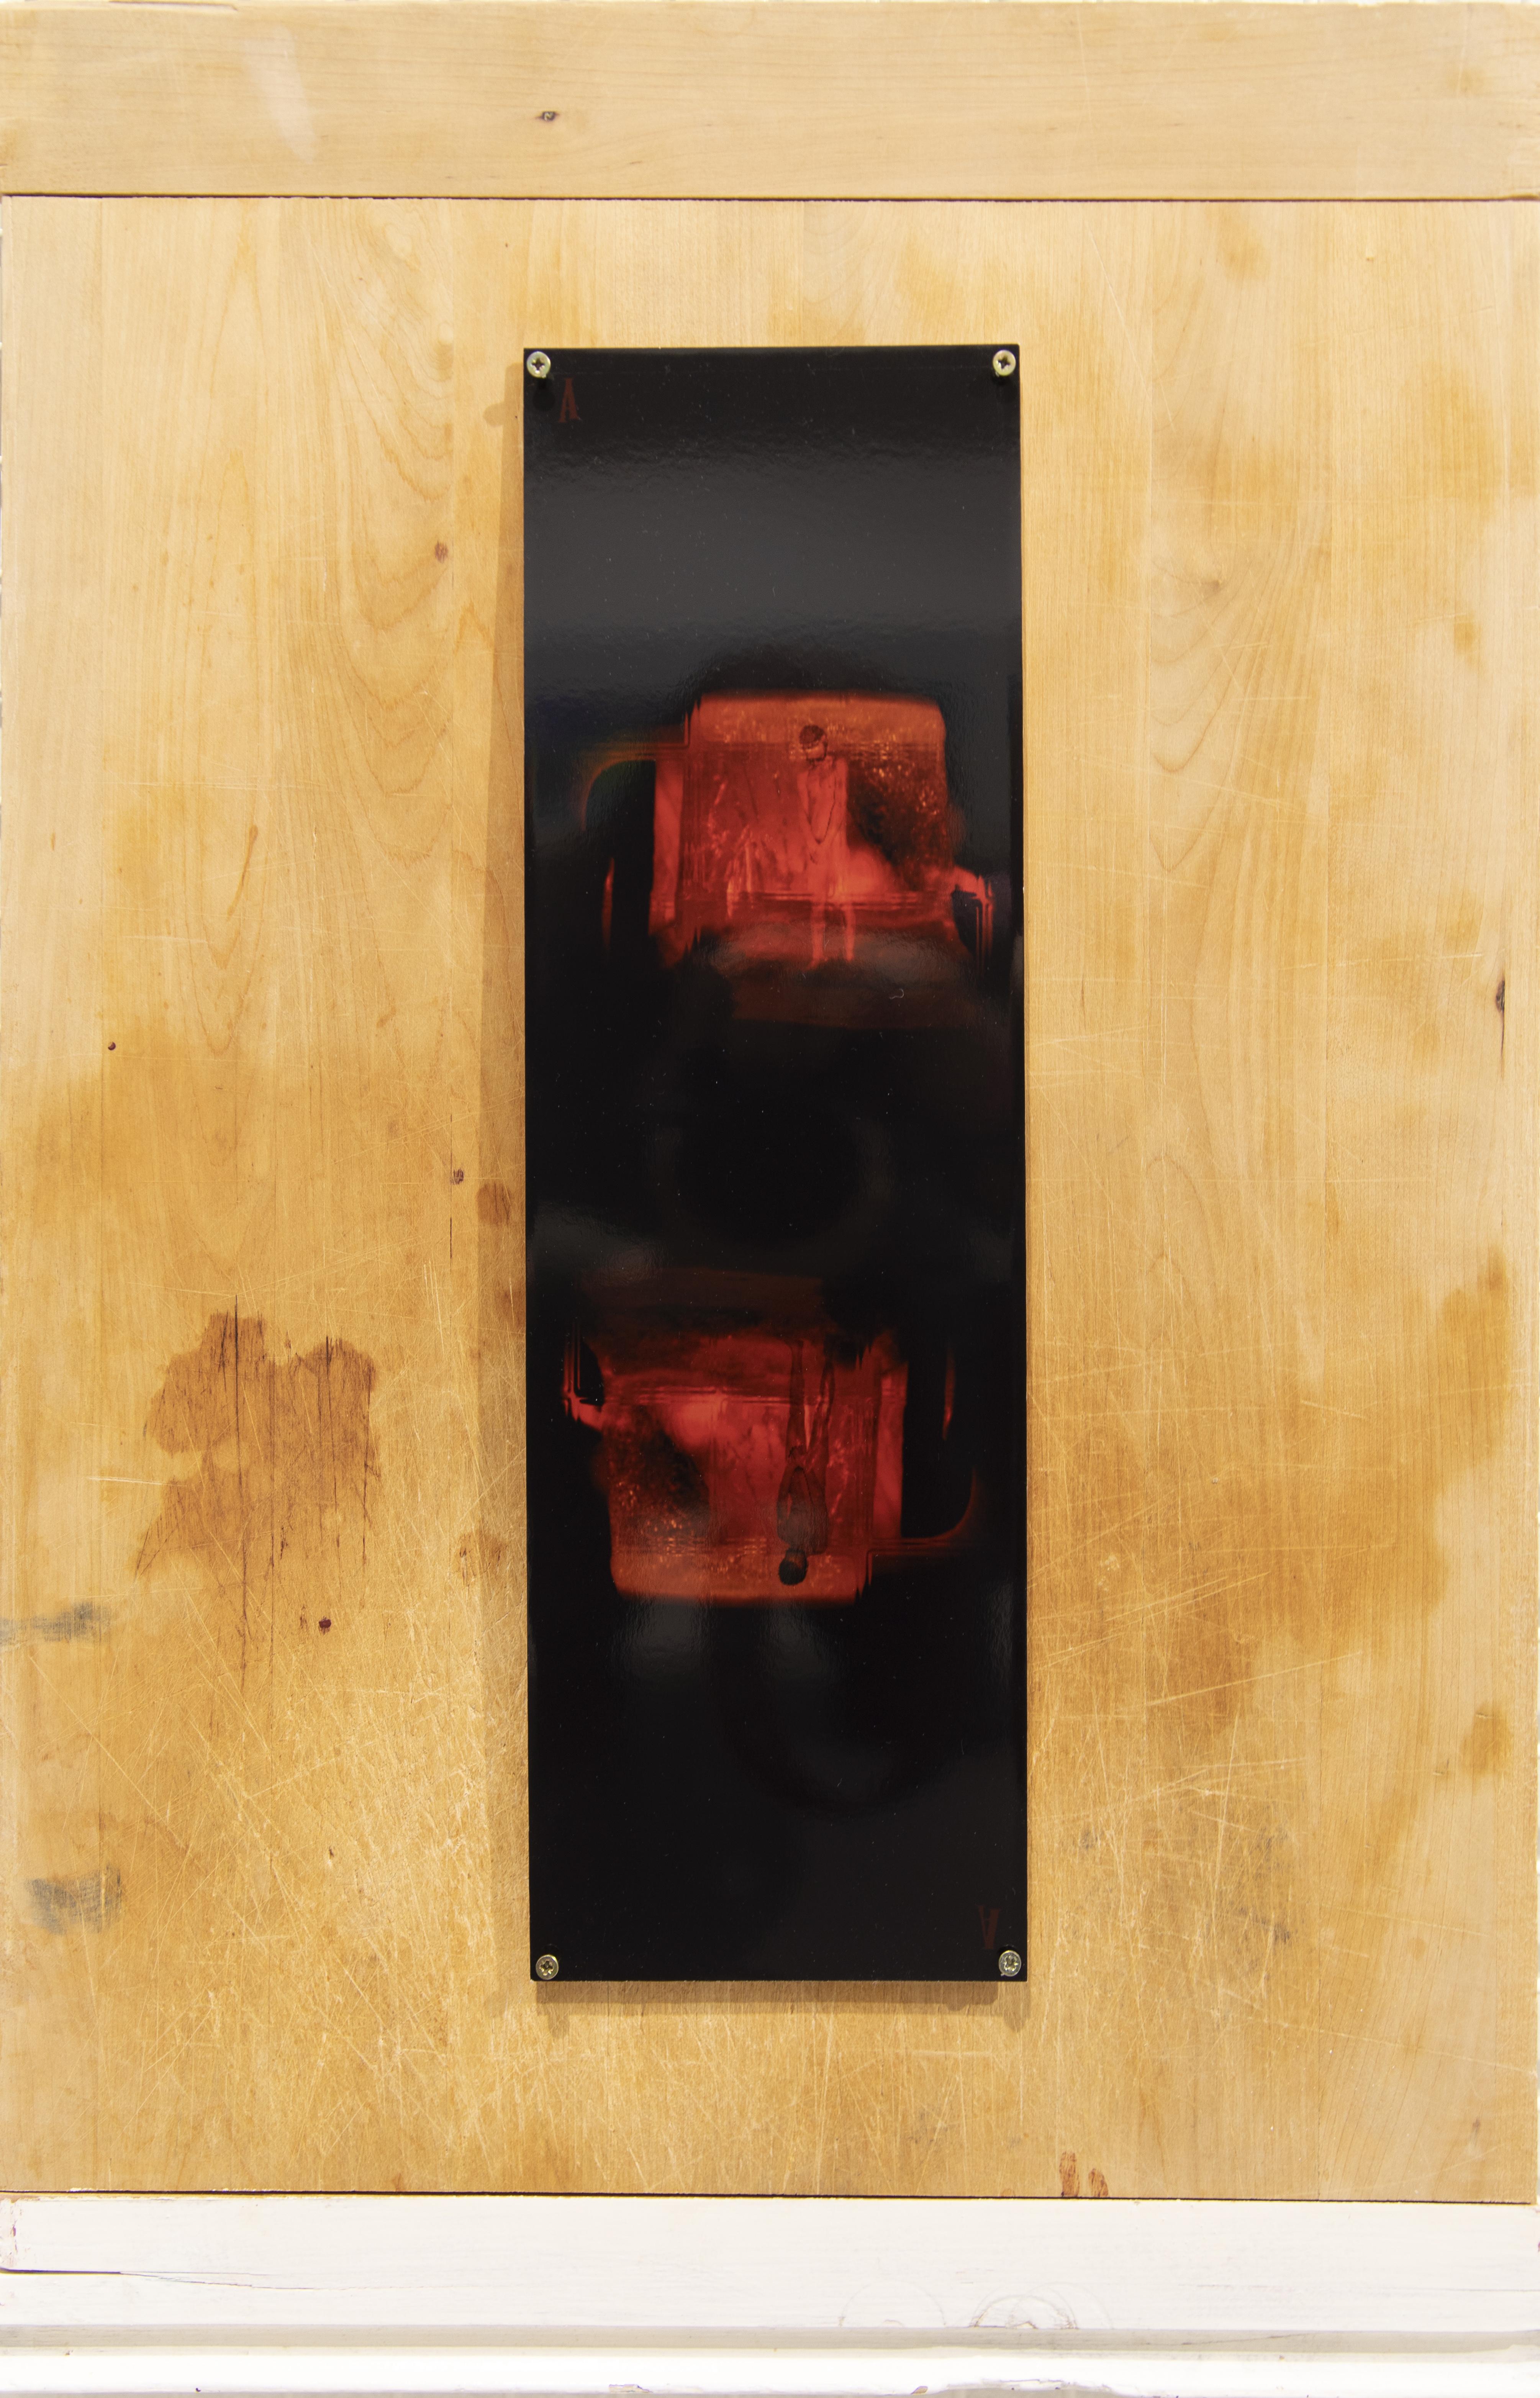 Puulevylle ruuveilla kiinnitetty musta valokuva, jossa kaksi kertaa toistuva mies punaisessa valossa.